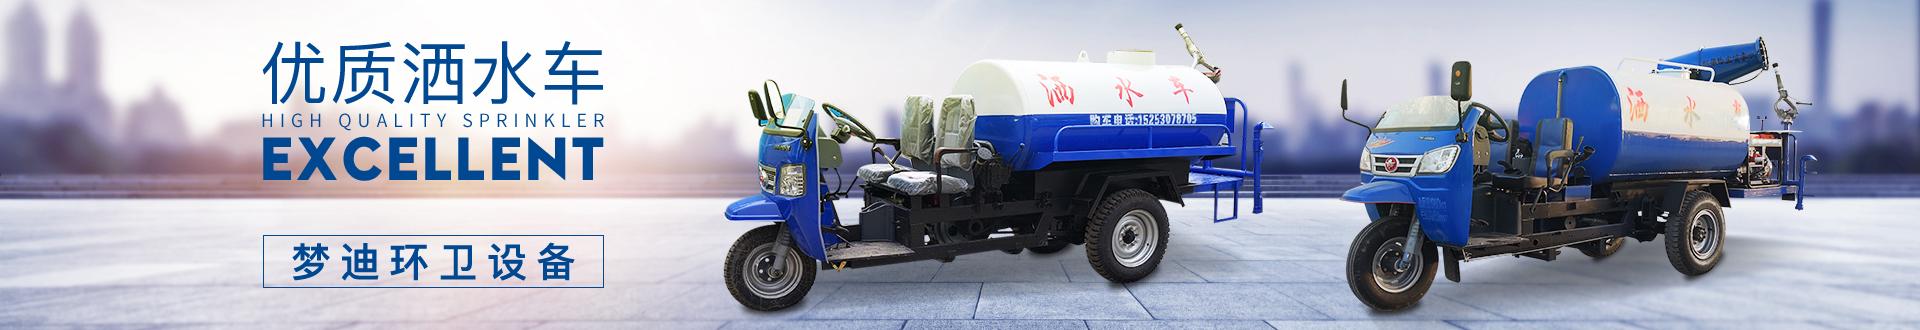 郓城县梦迪环卫设备销售有限公司